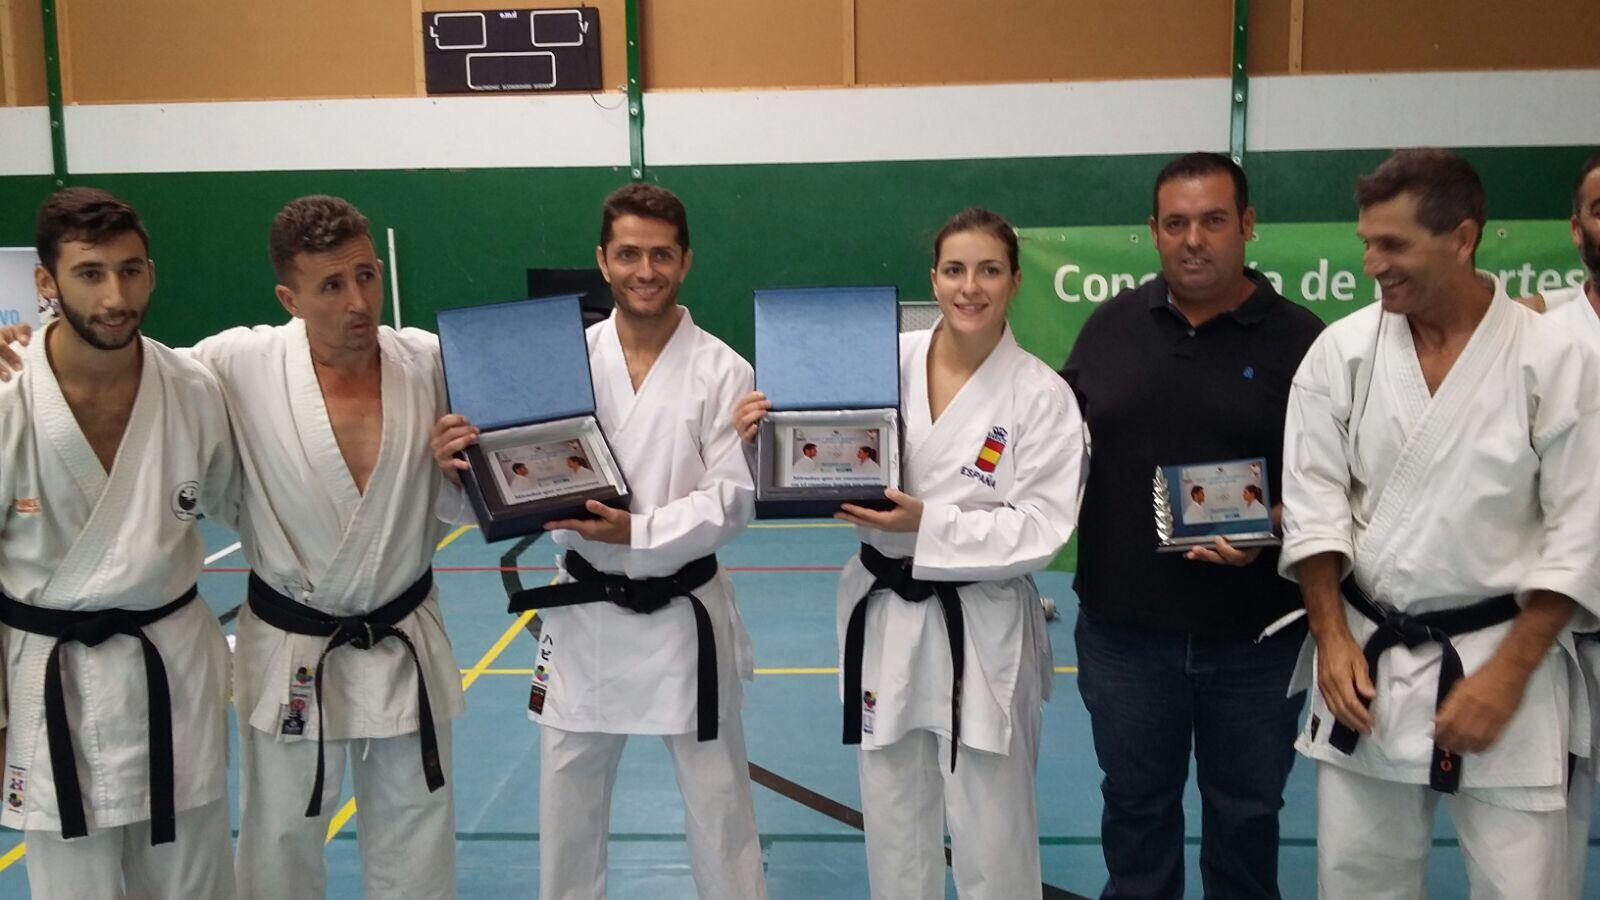 BUDOKAN blog de artes marciales : VÍDEOS DE